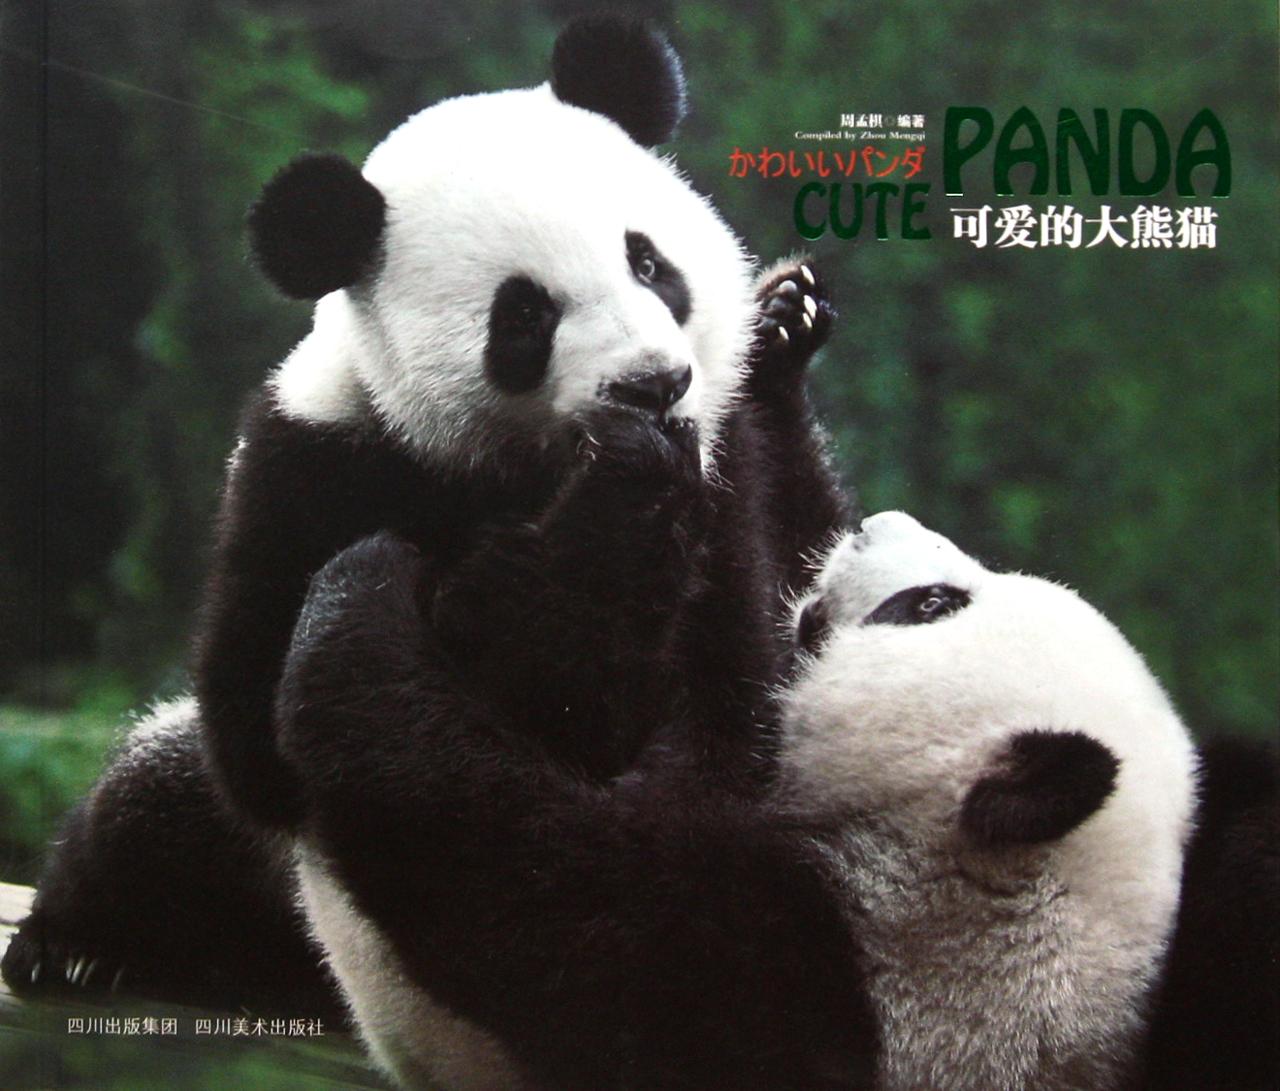 可爱的大熊猫-博库网